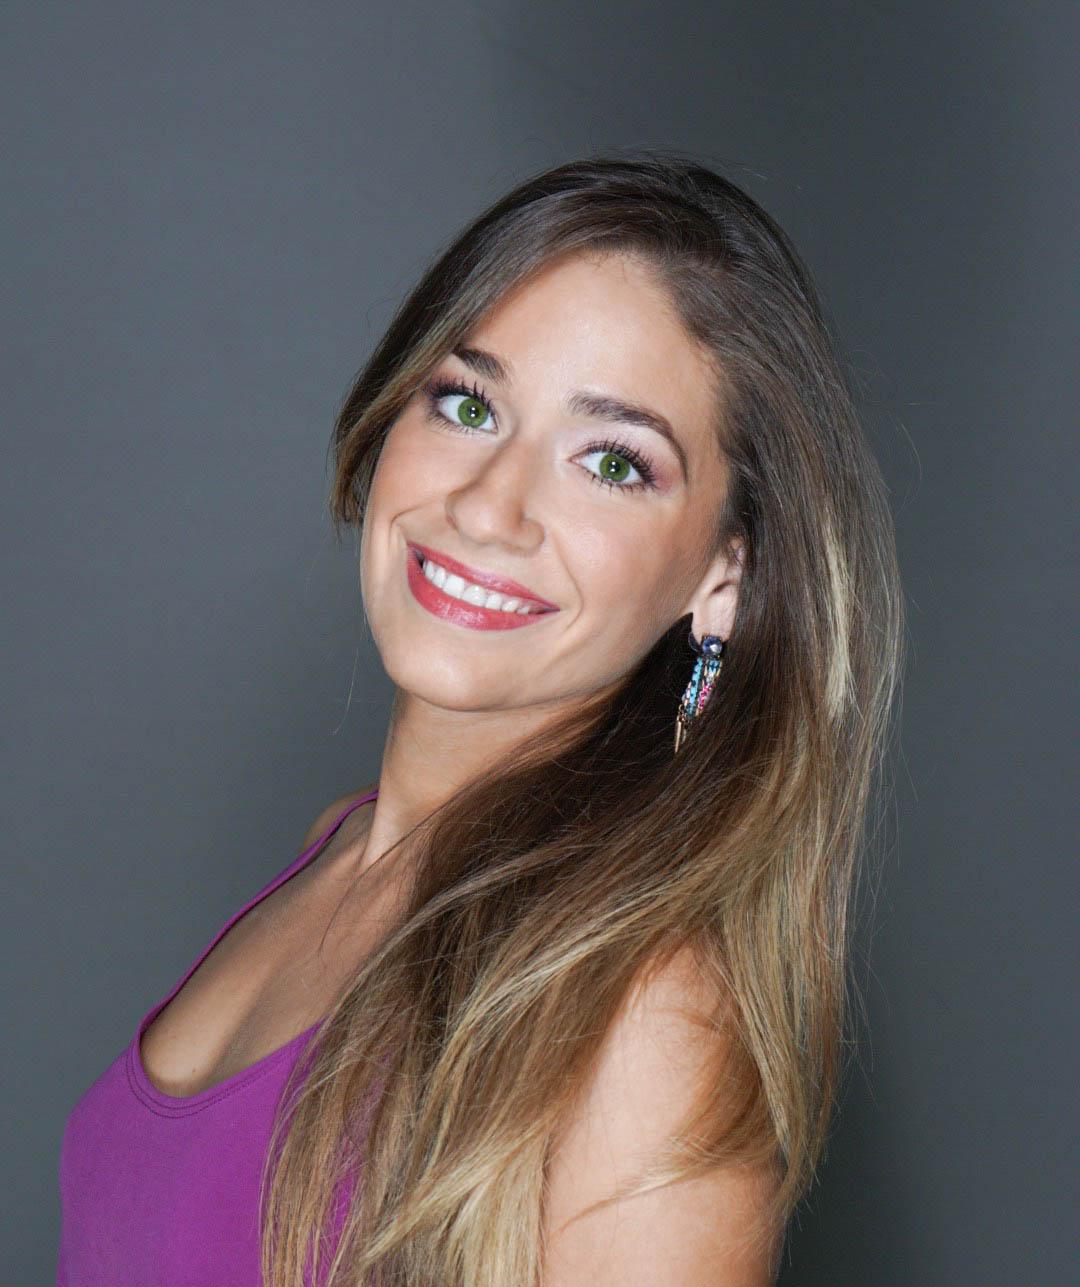 Mia Carvalho